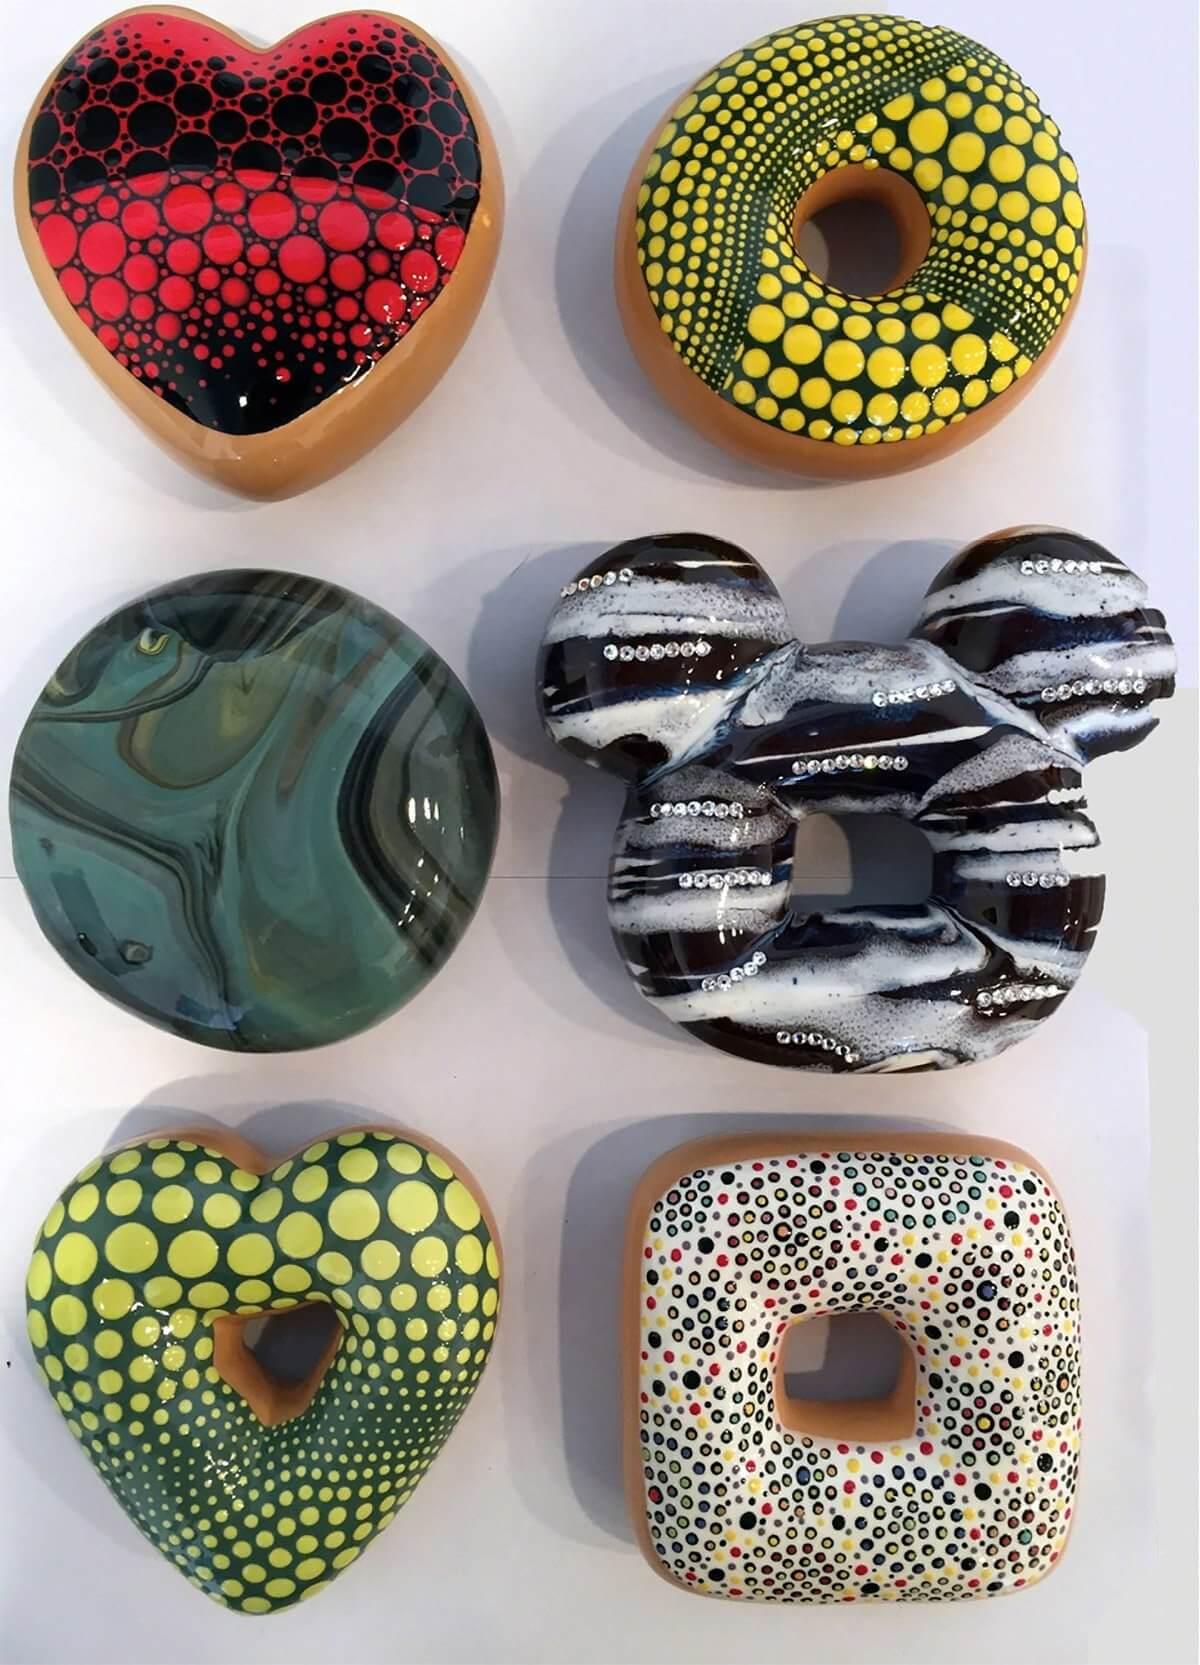 Ceramic Donuts Jae Yong Kim 8 (1)